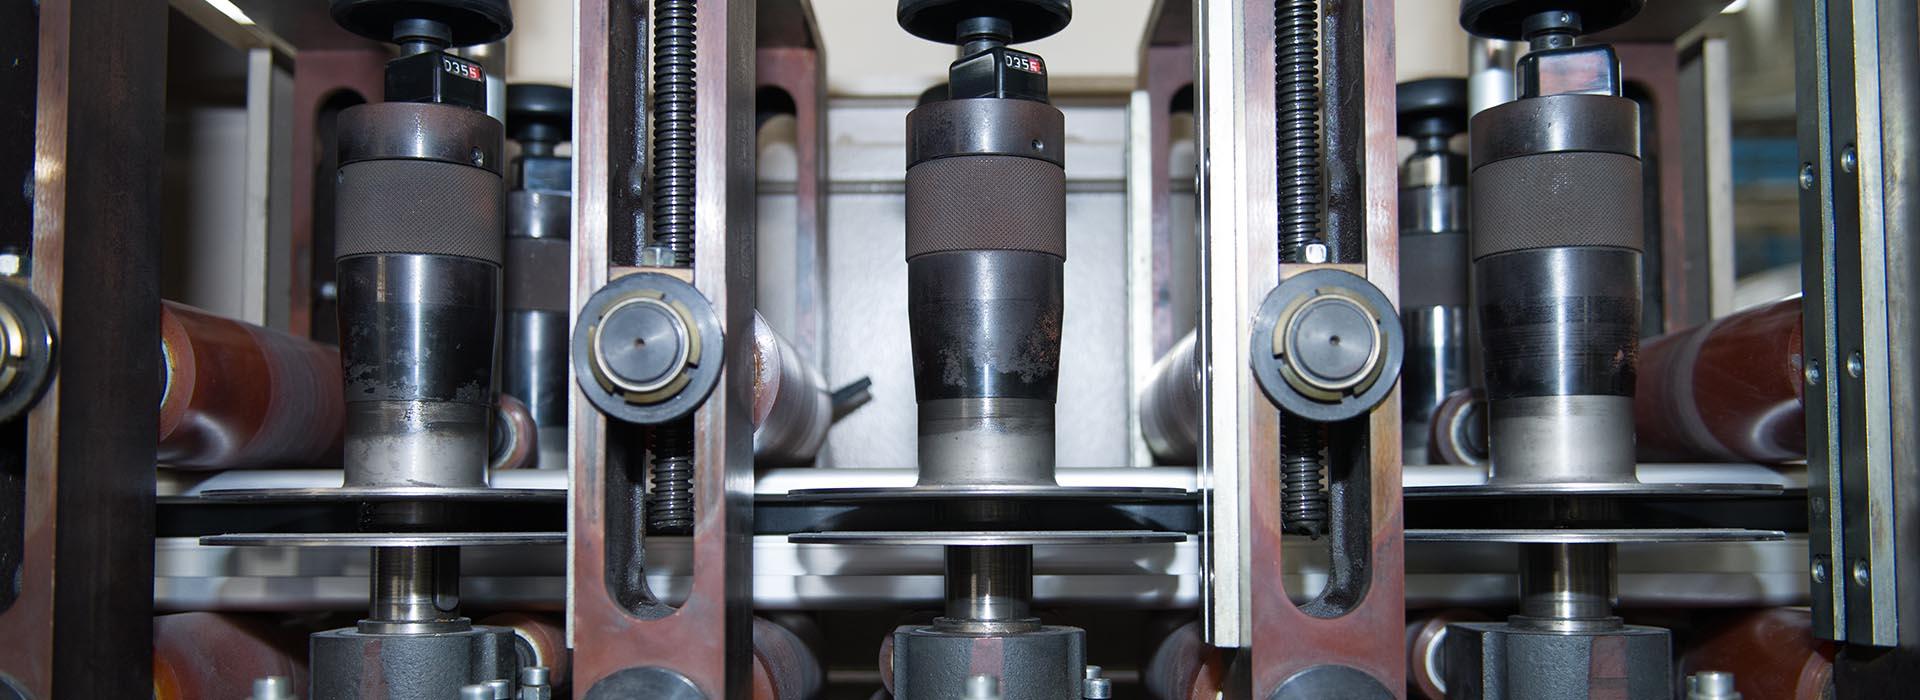 Taglio-termico-2-1920x700